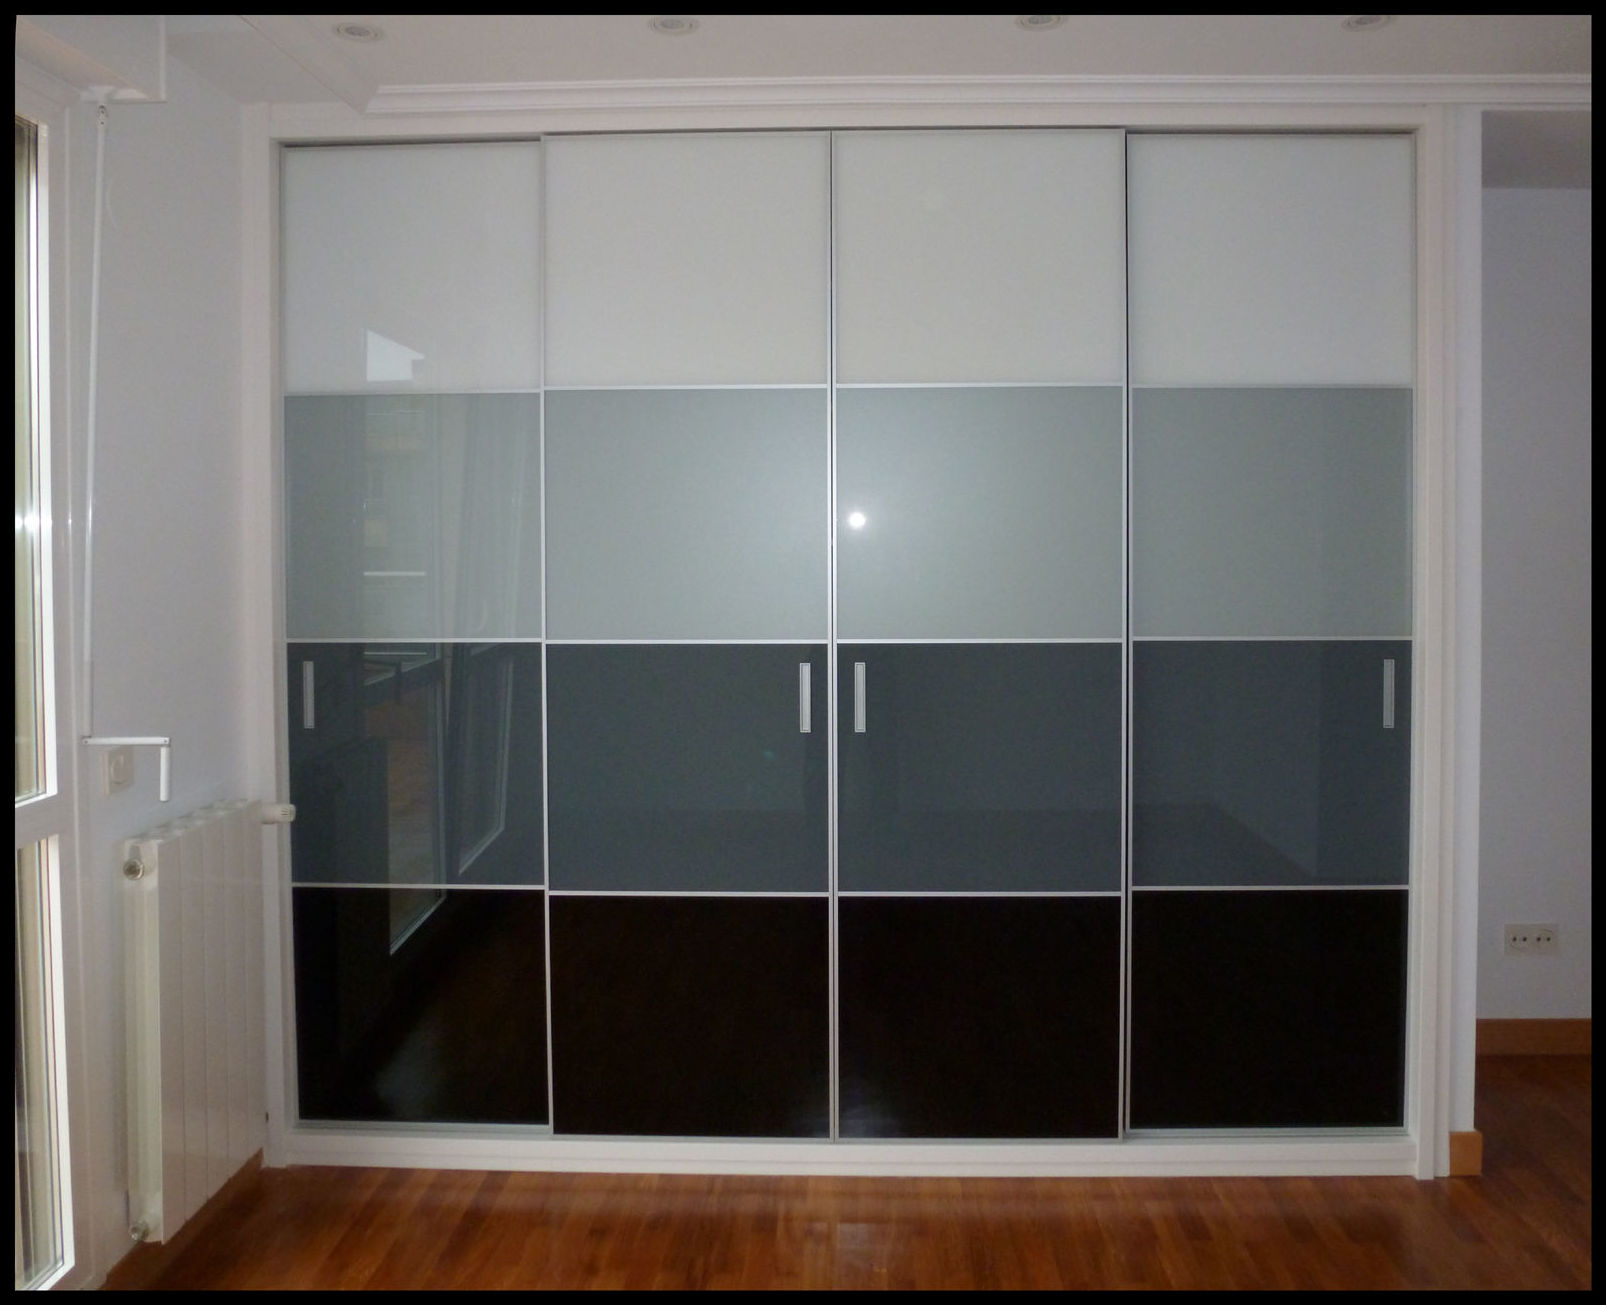 Armarios con frente de cristal espejo for Frentes de armarios de cocina